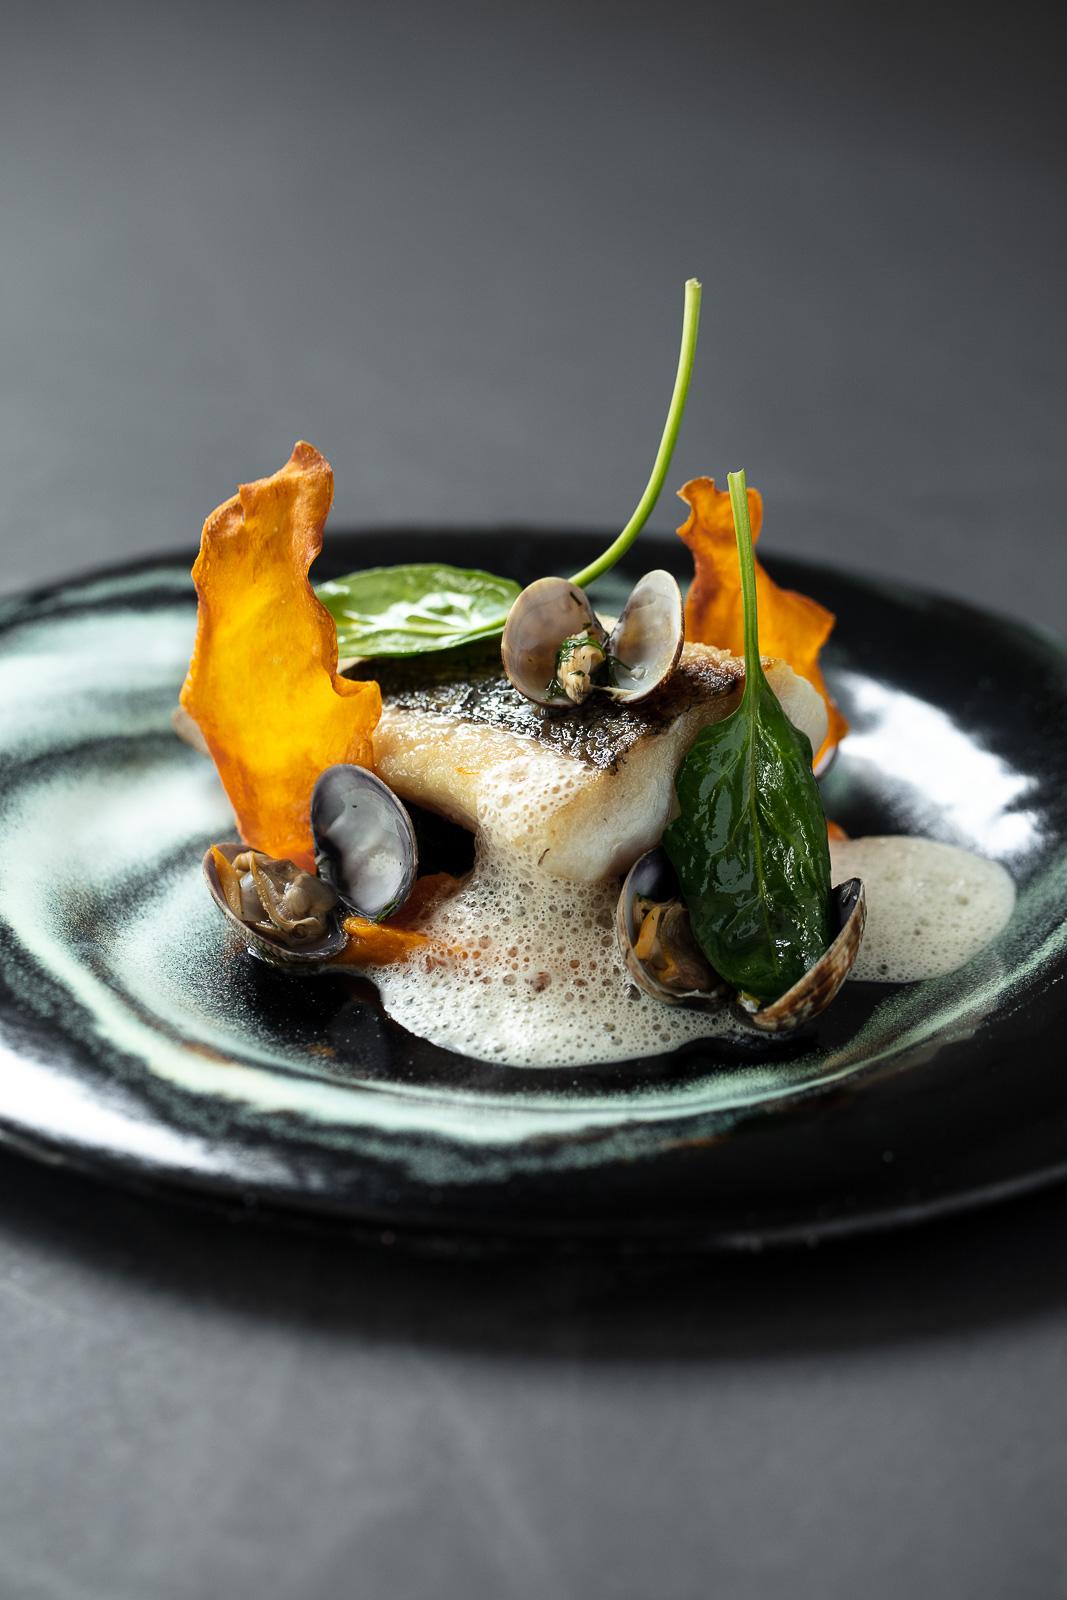 Franck_Hamel_Hotel_de_Paris_valerie_paumelle_agent-photographe_culinaire-foodphotographer (5).jpg